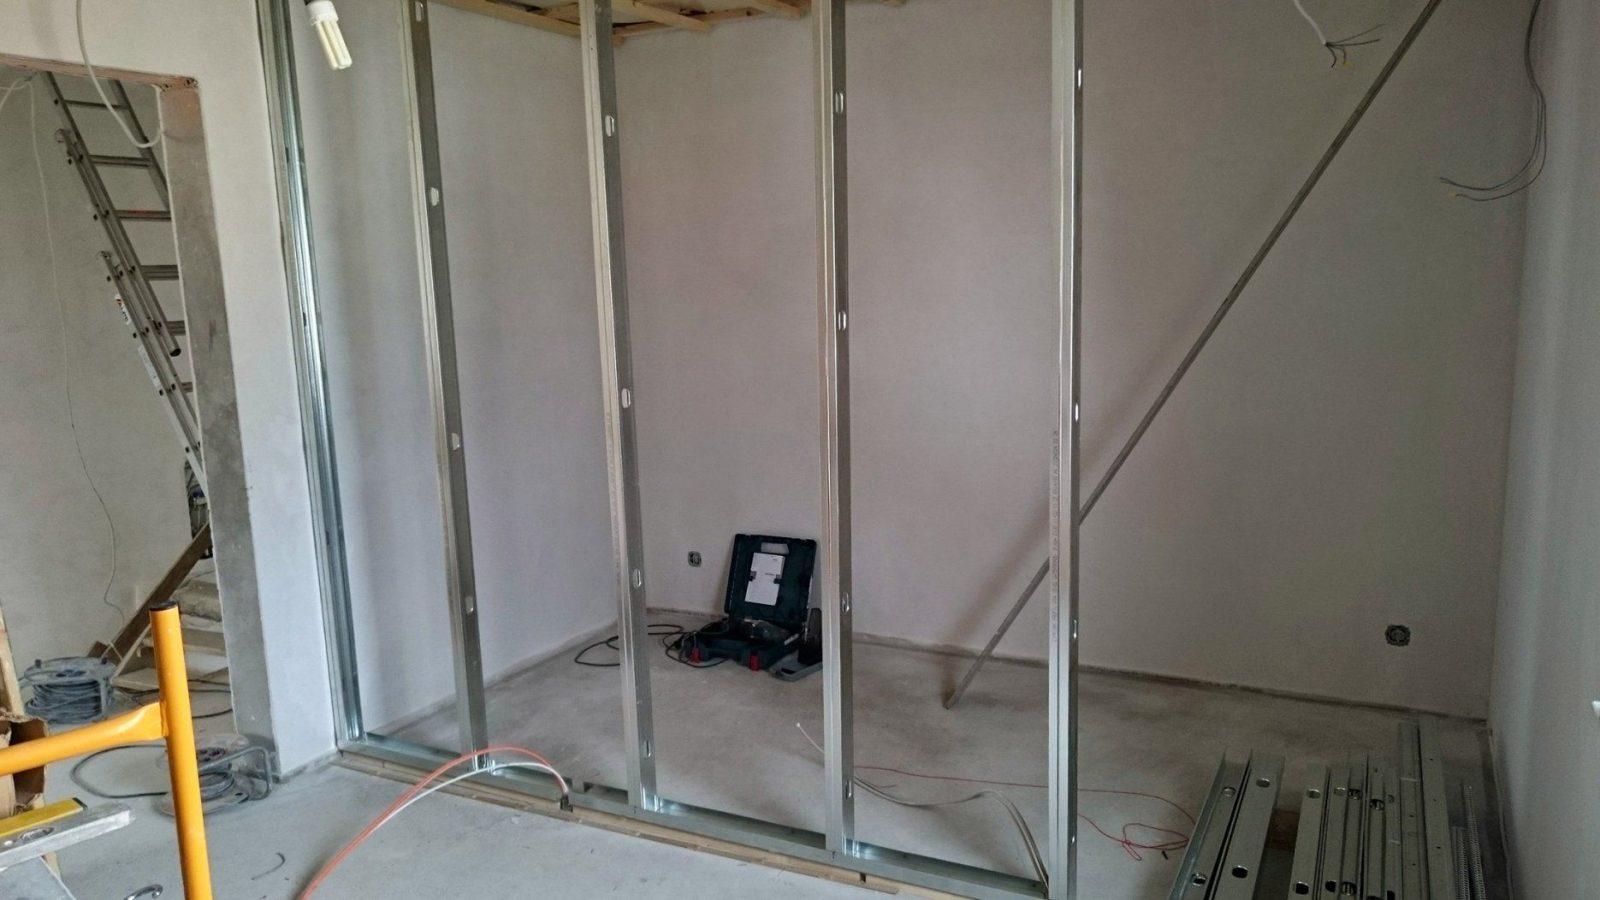 Trockenbau Trennwände Aufstellen Und Vorwandinstallationen von Trockenbau Tür Einbauen Anleitung Bild